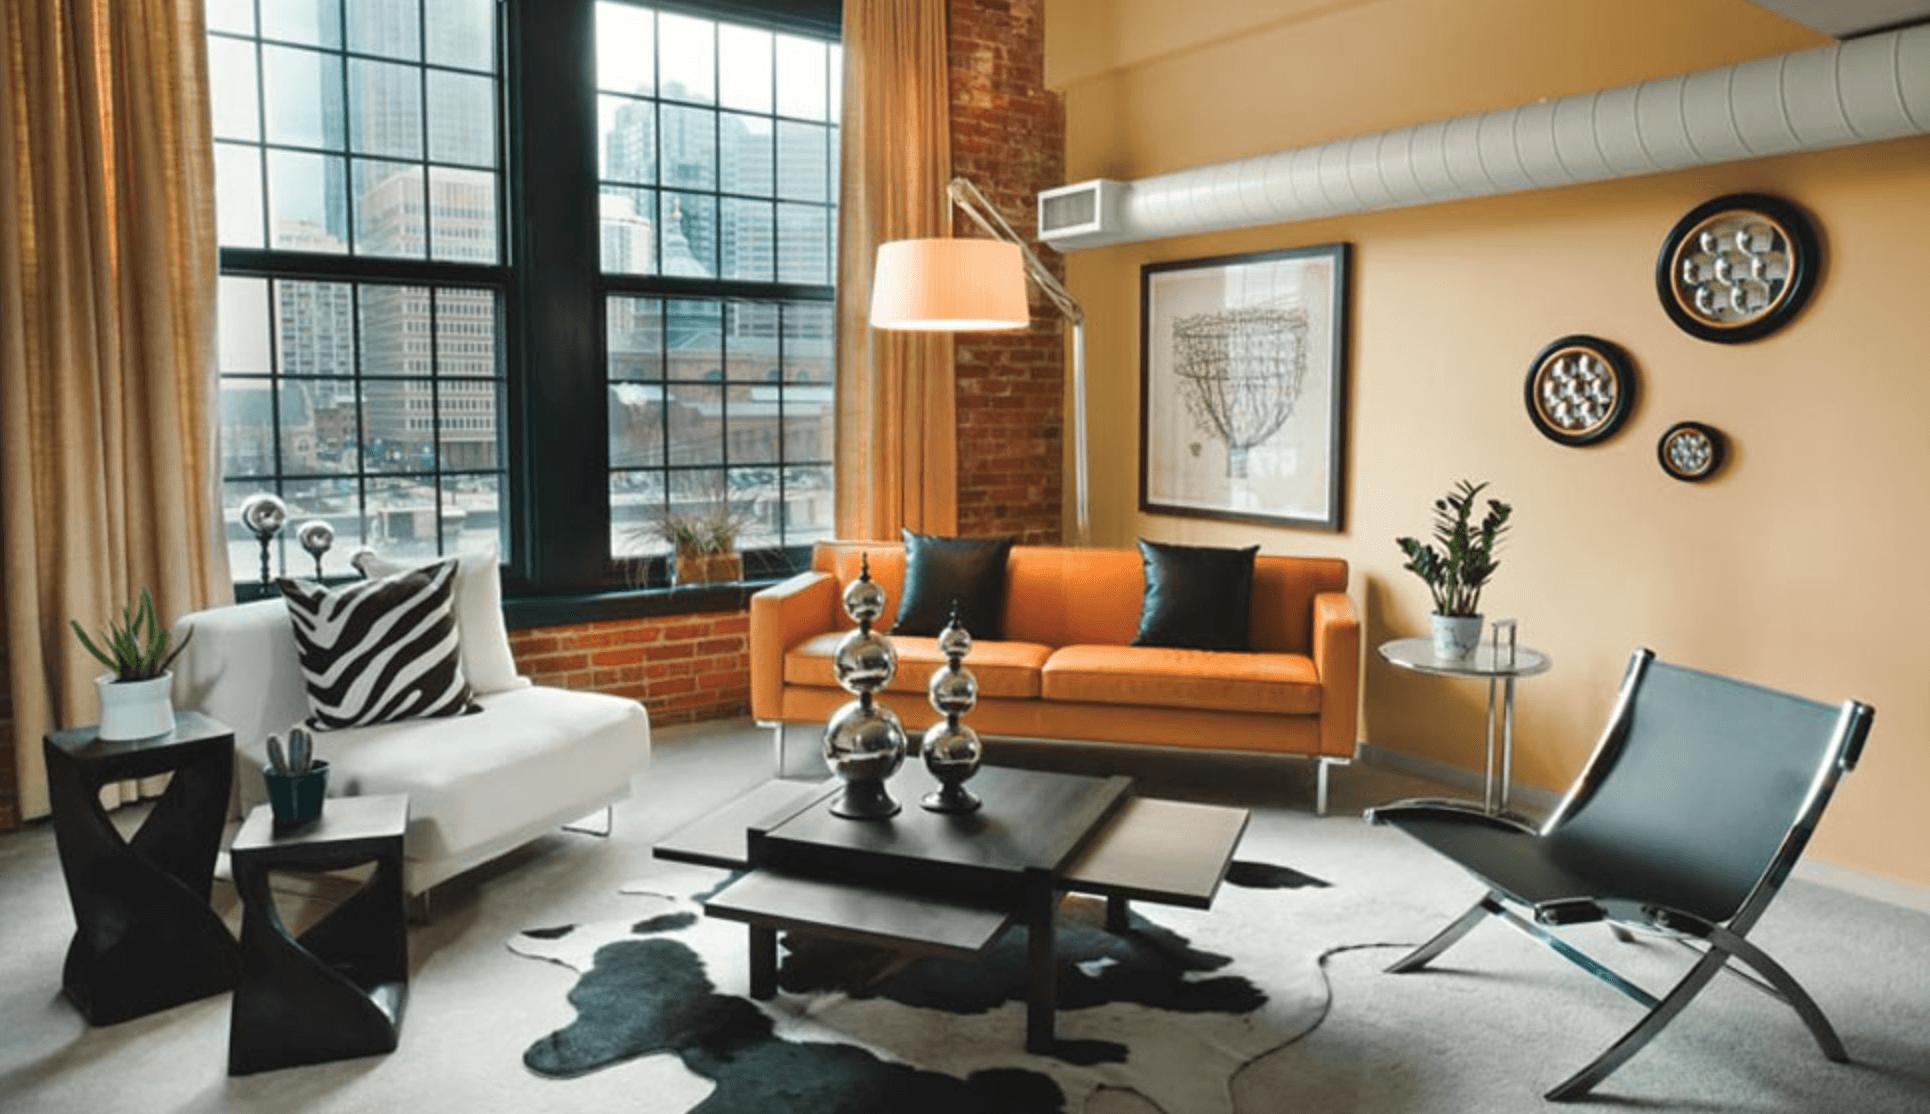 Best Philadelphia Apartments interior/ exterior